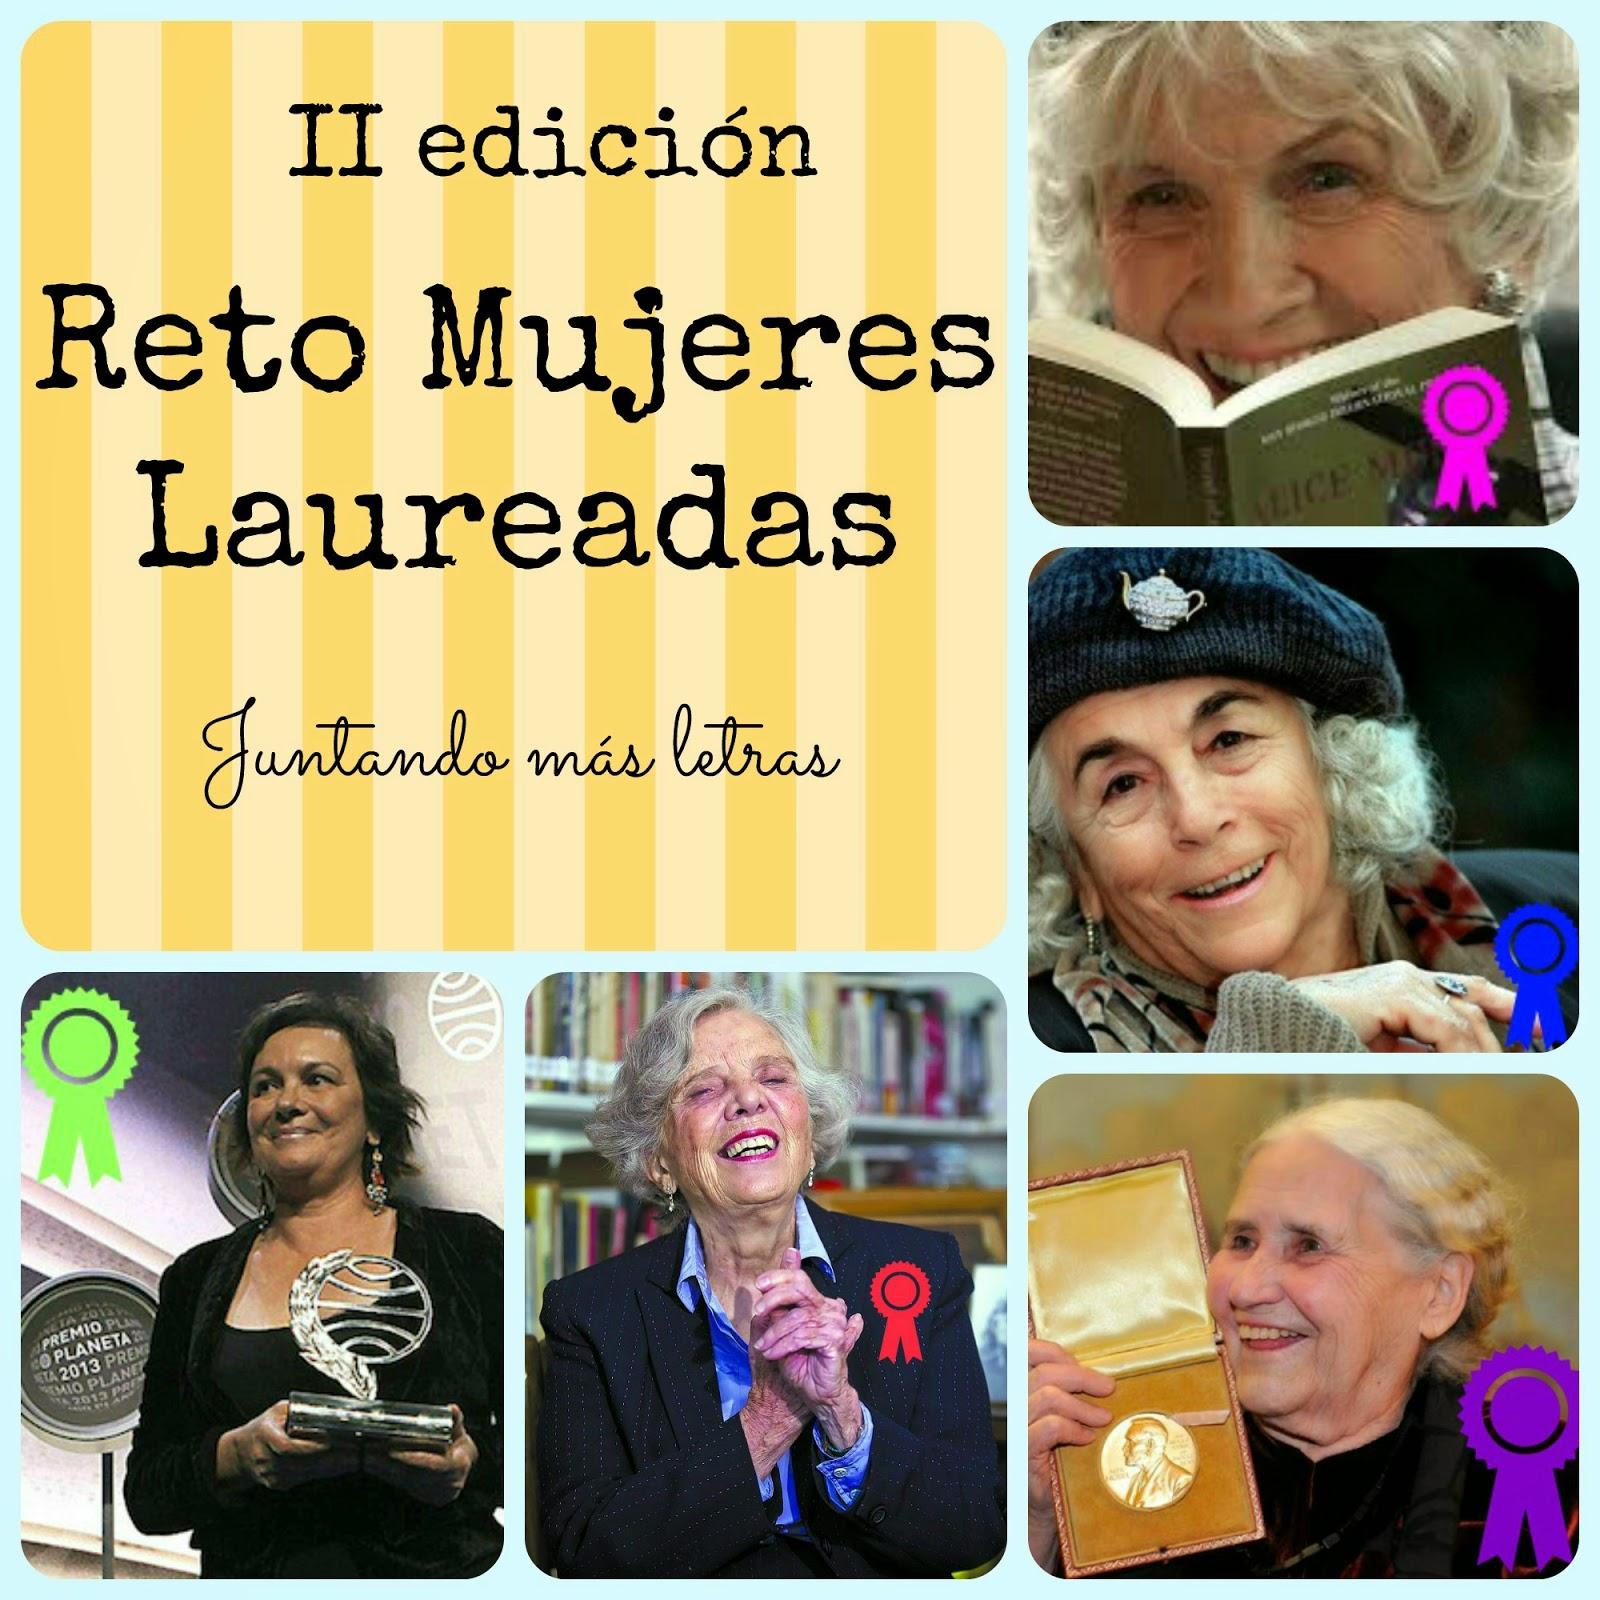 II Edición: Reto Mujeres Laureadas